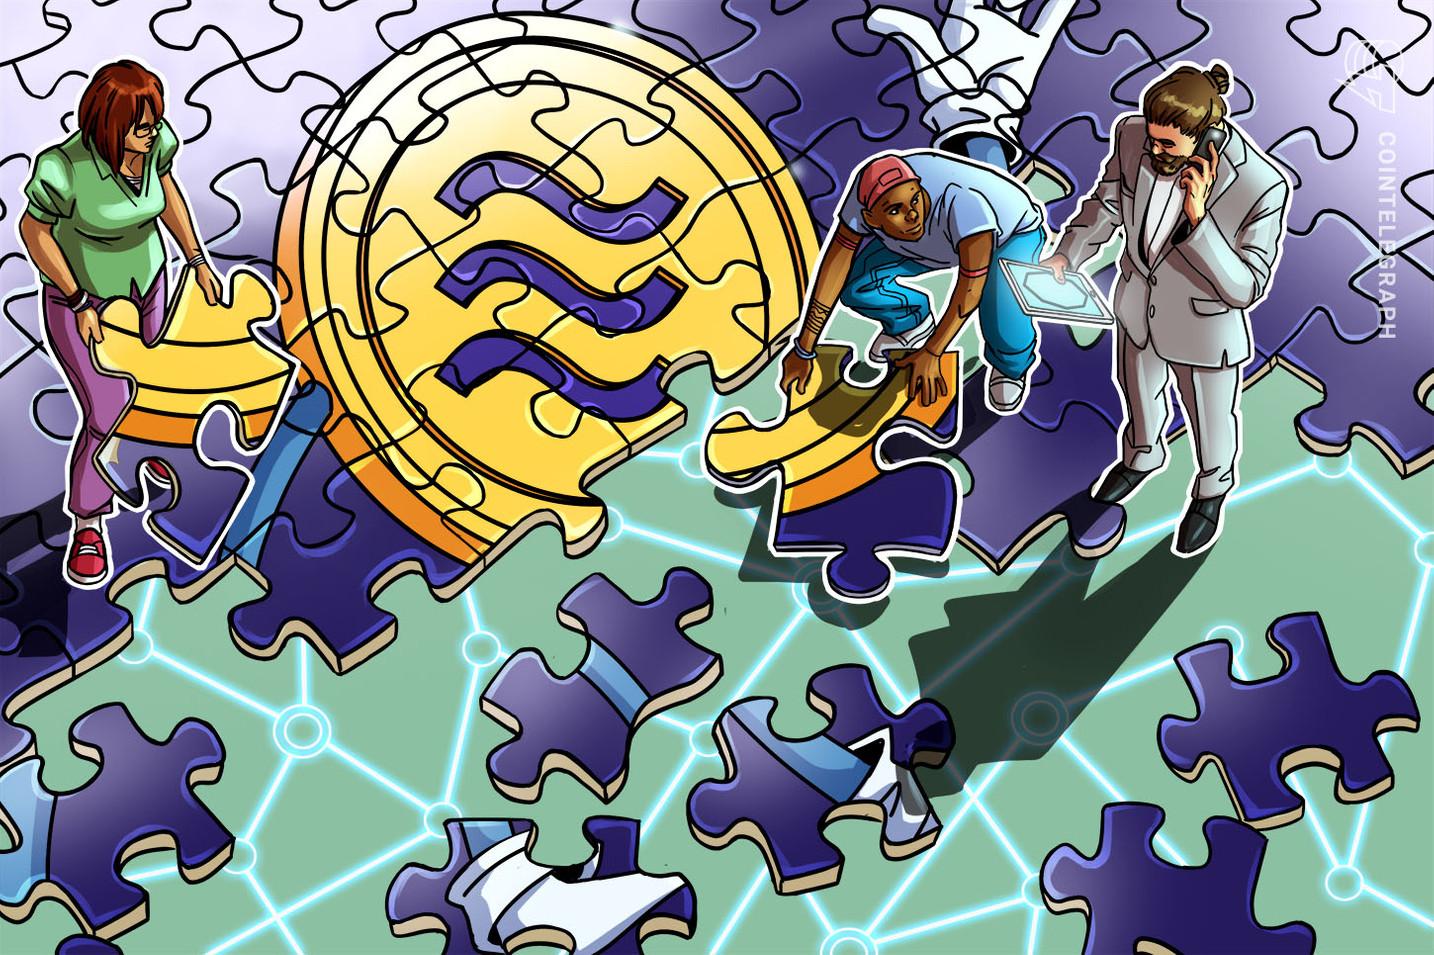 コンプラ体制構築進む 仮想通貨リブラ協会、元FinCENトップを法務責任者に任命